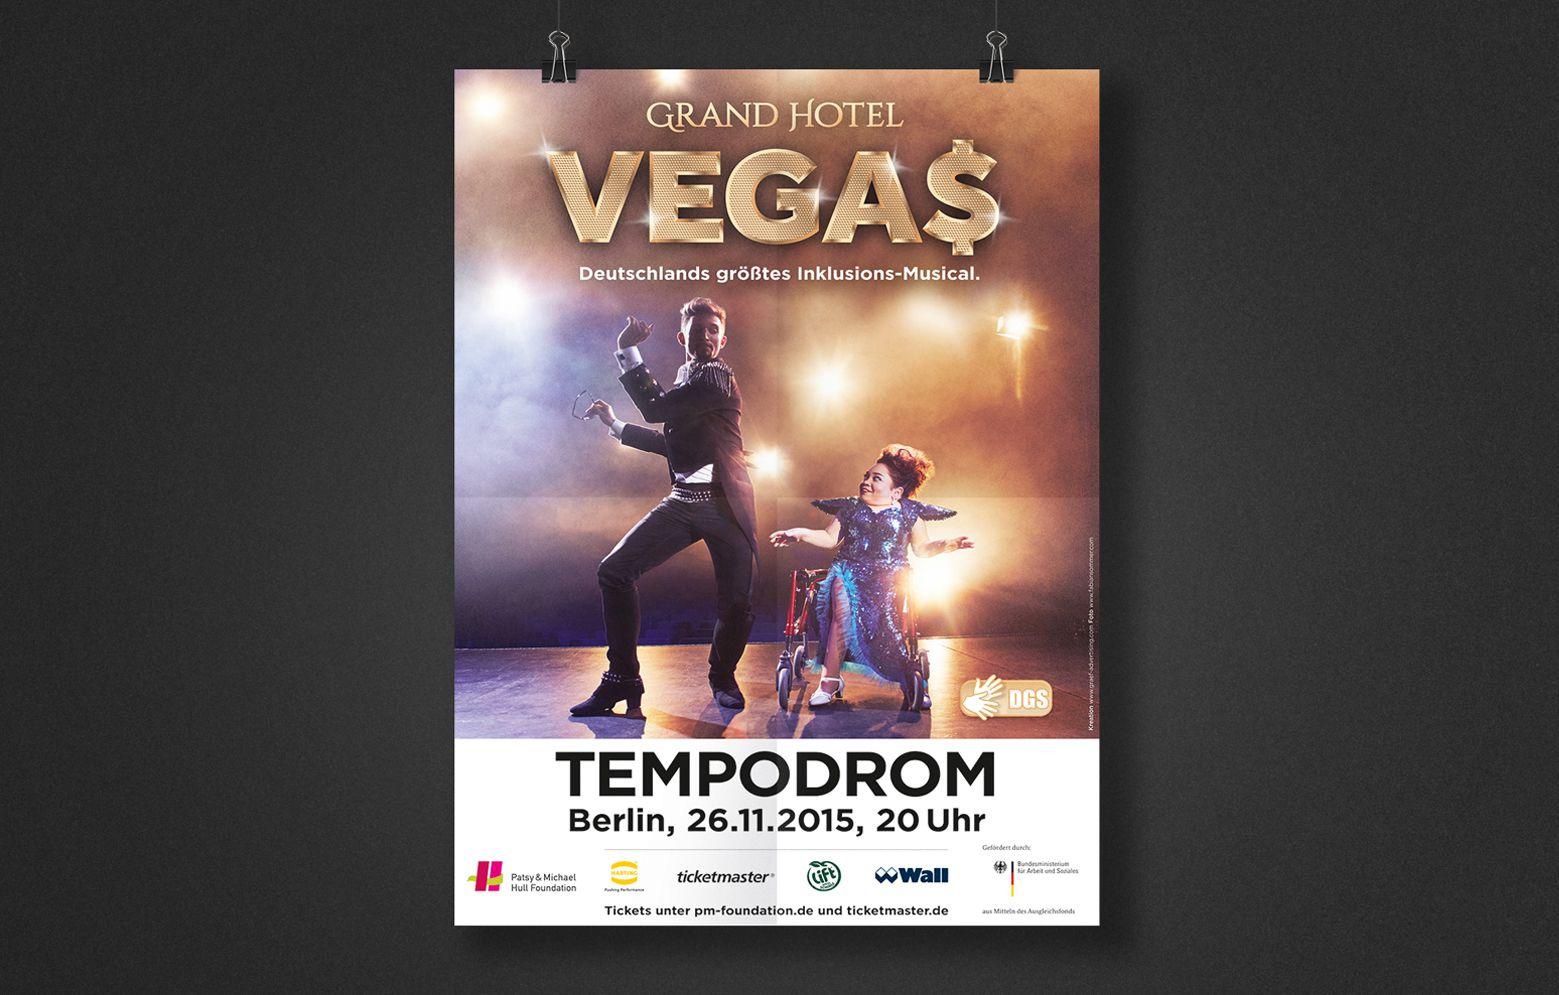 Plakat vom Grand Hotel Vegas für die Verantstaltung in Berlin, 26.11.2015, 20 Uhr